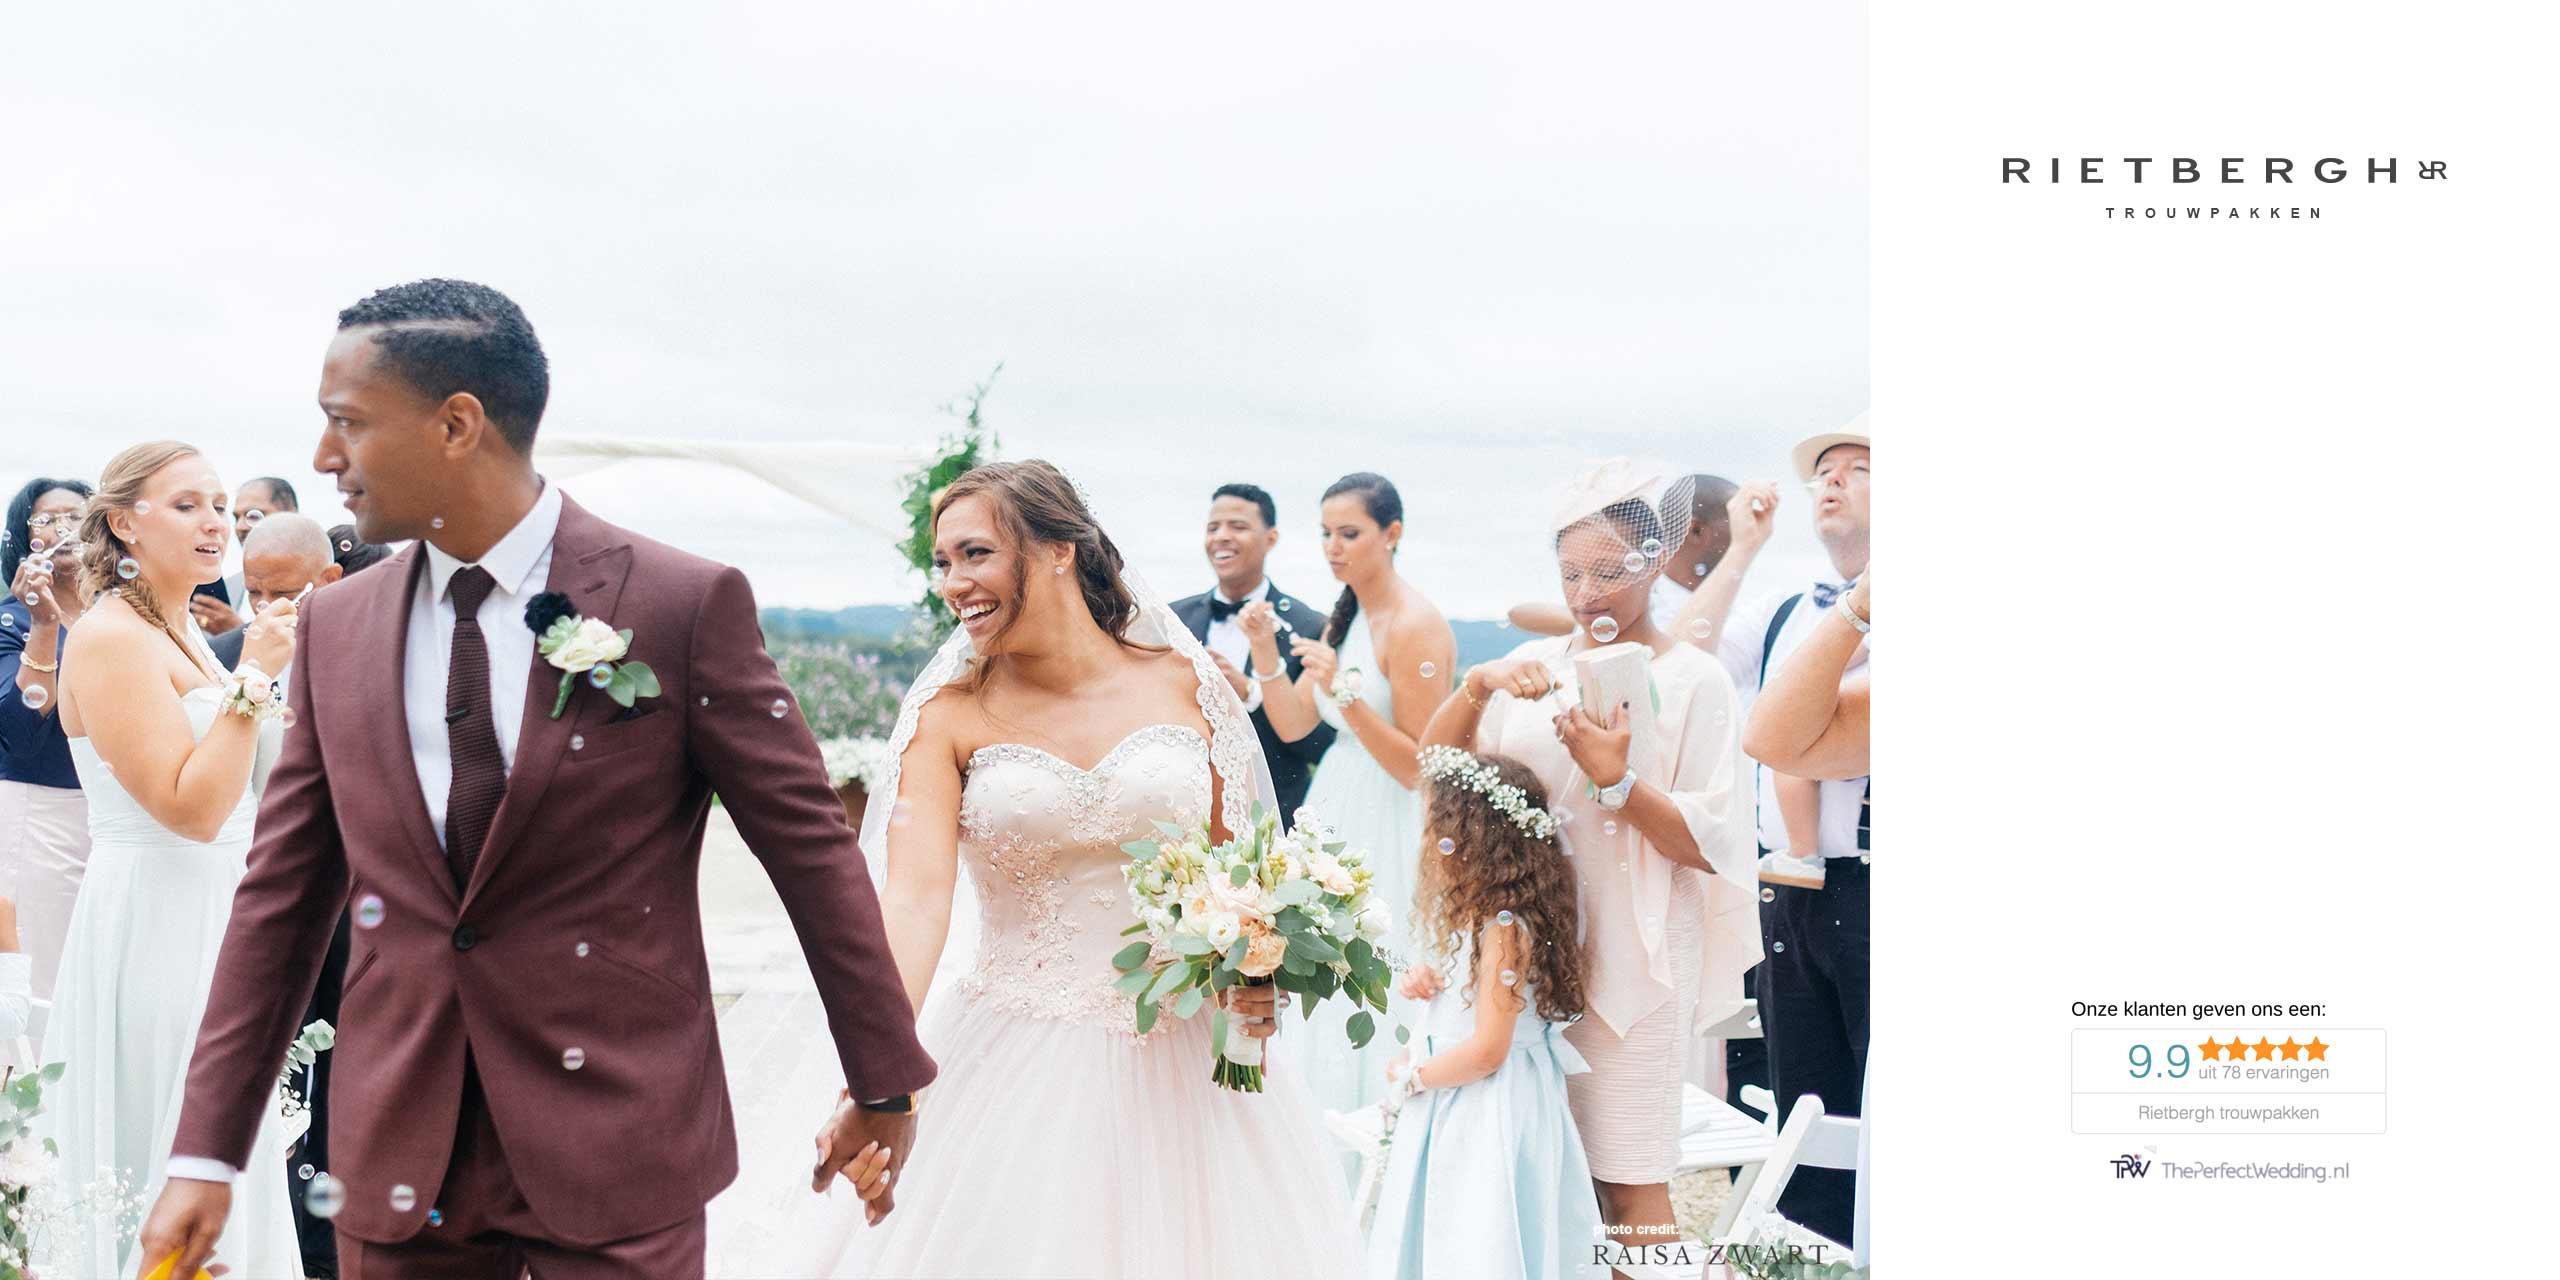 Eder in een burgundy trouwpak van Rietbergh